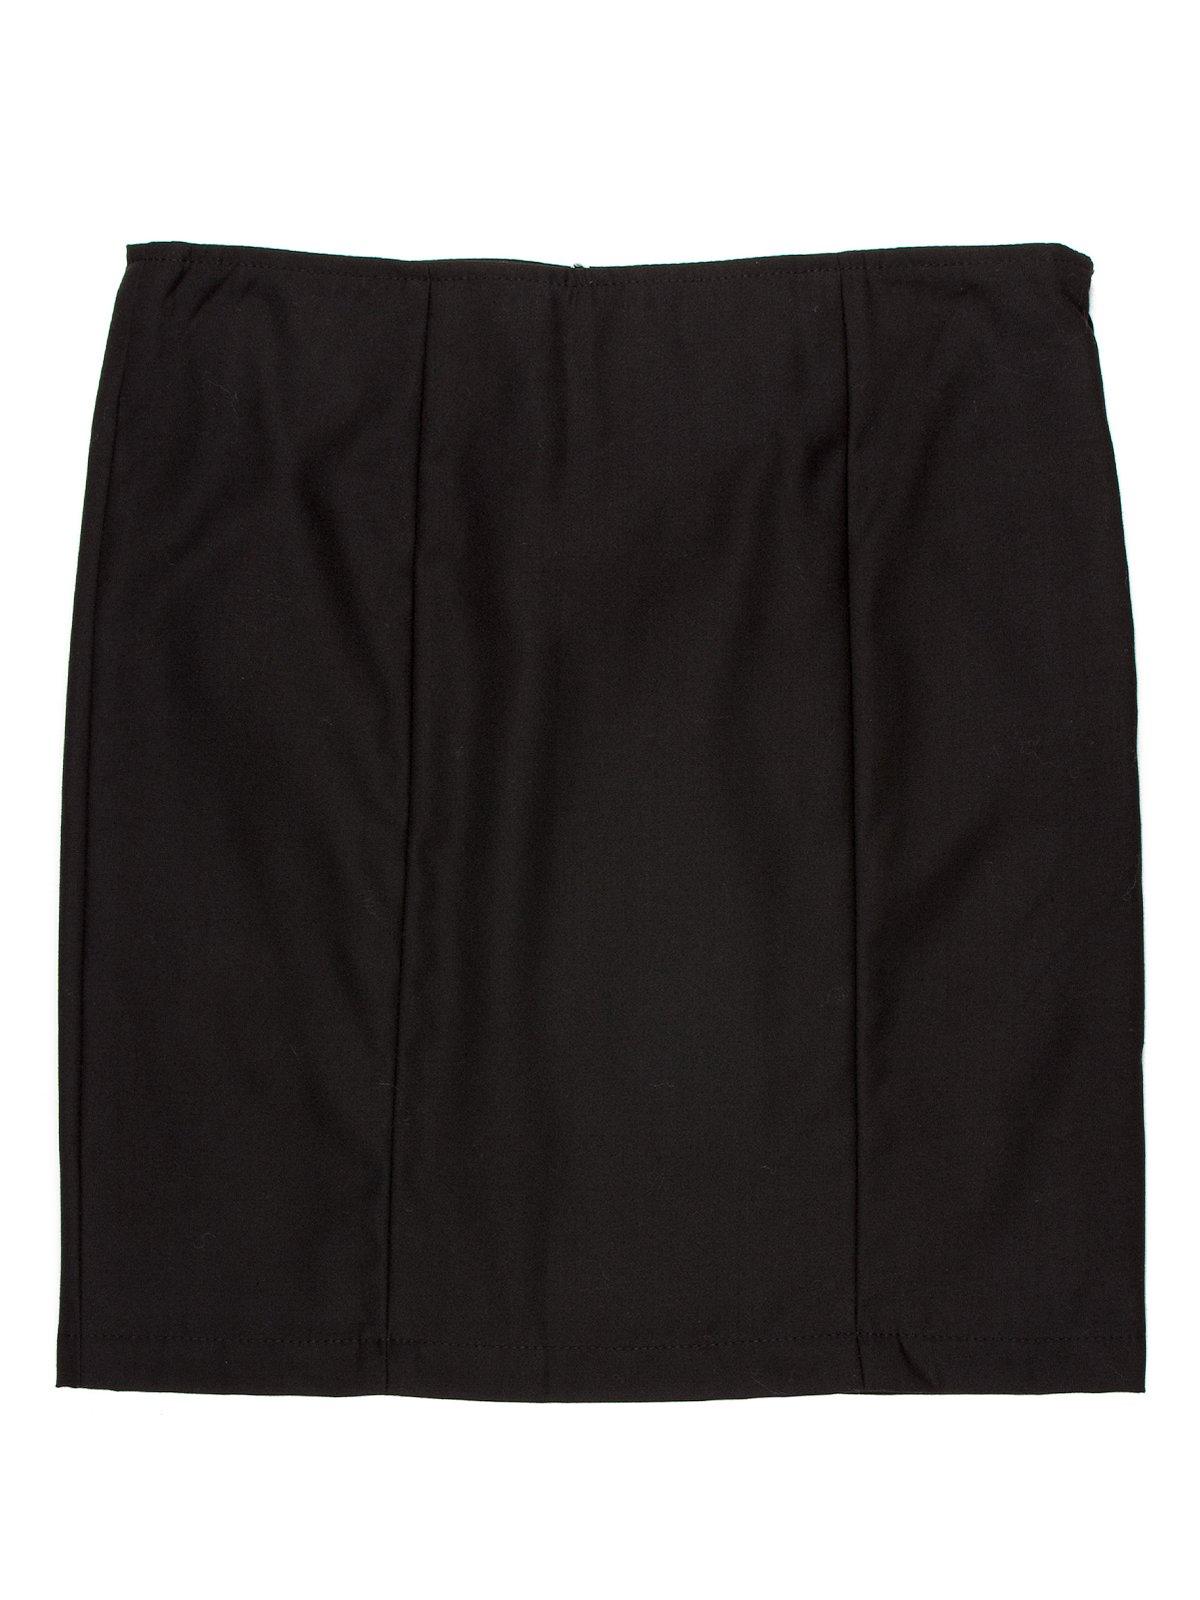 Юбка черная | 854051